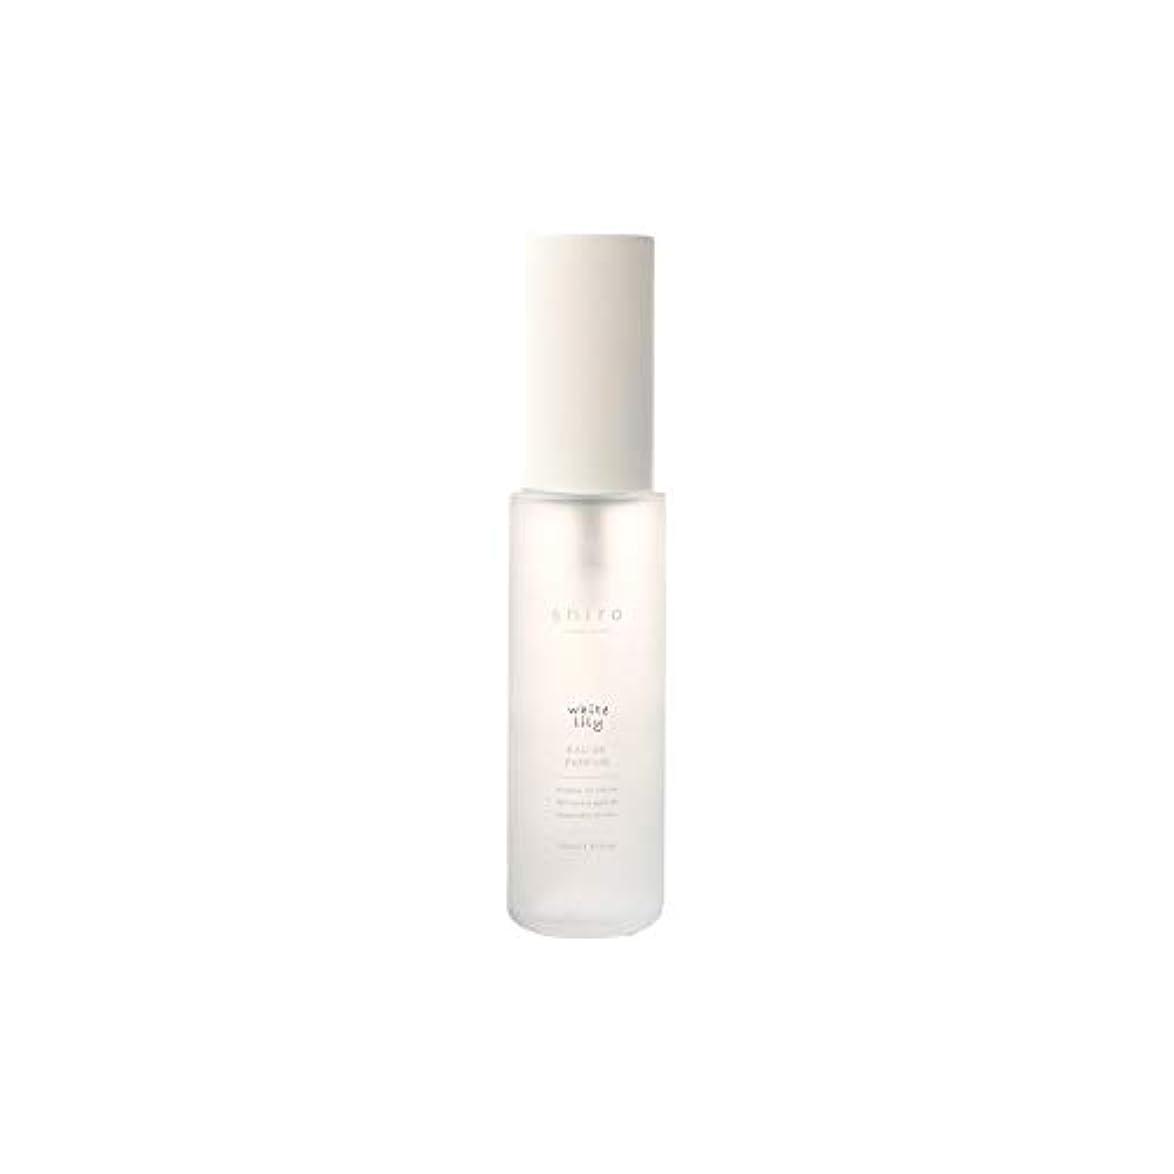 めったに刺激するボアshiro シロ ホワイトリリー オードパルファン 香水 40ml (長時間持続)